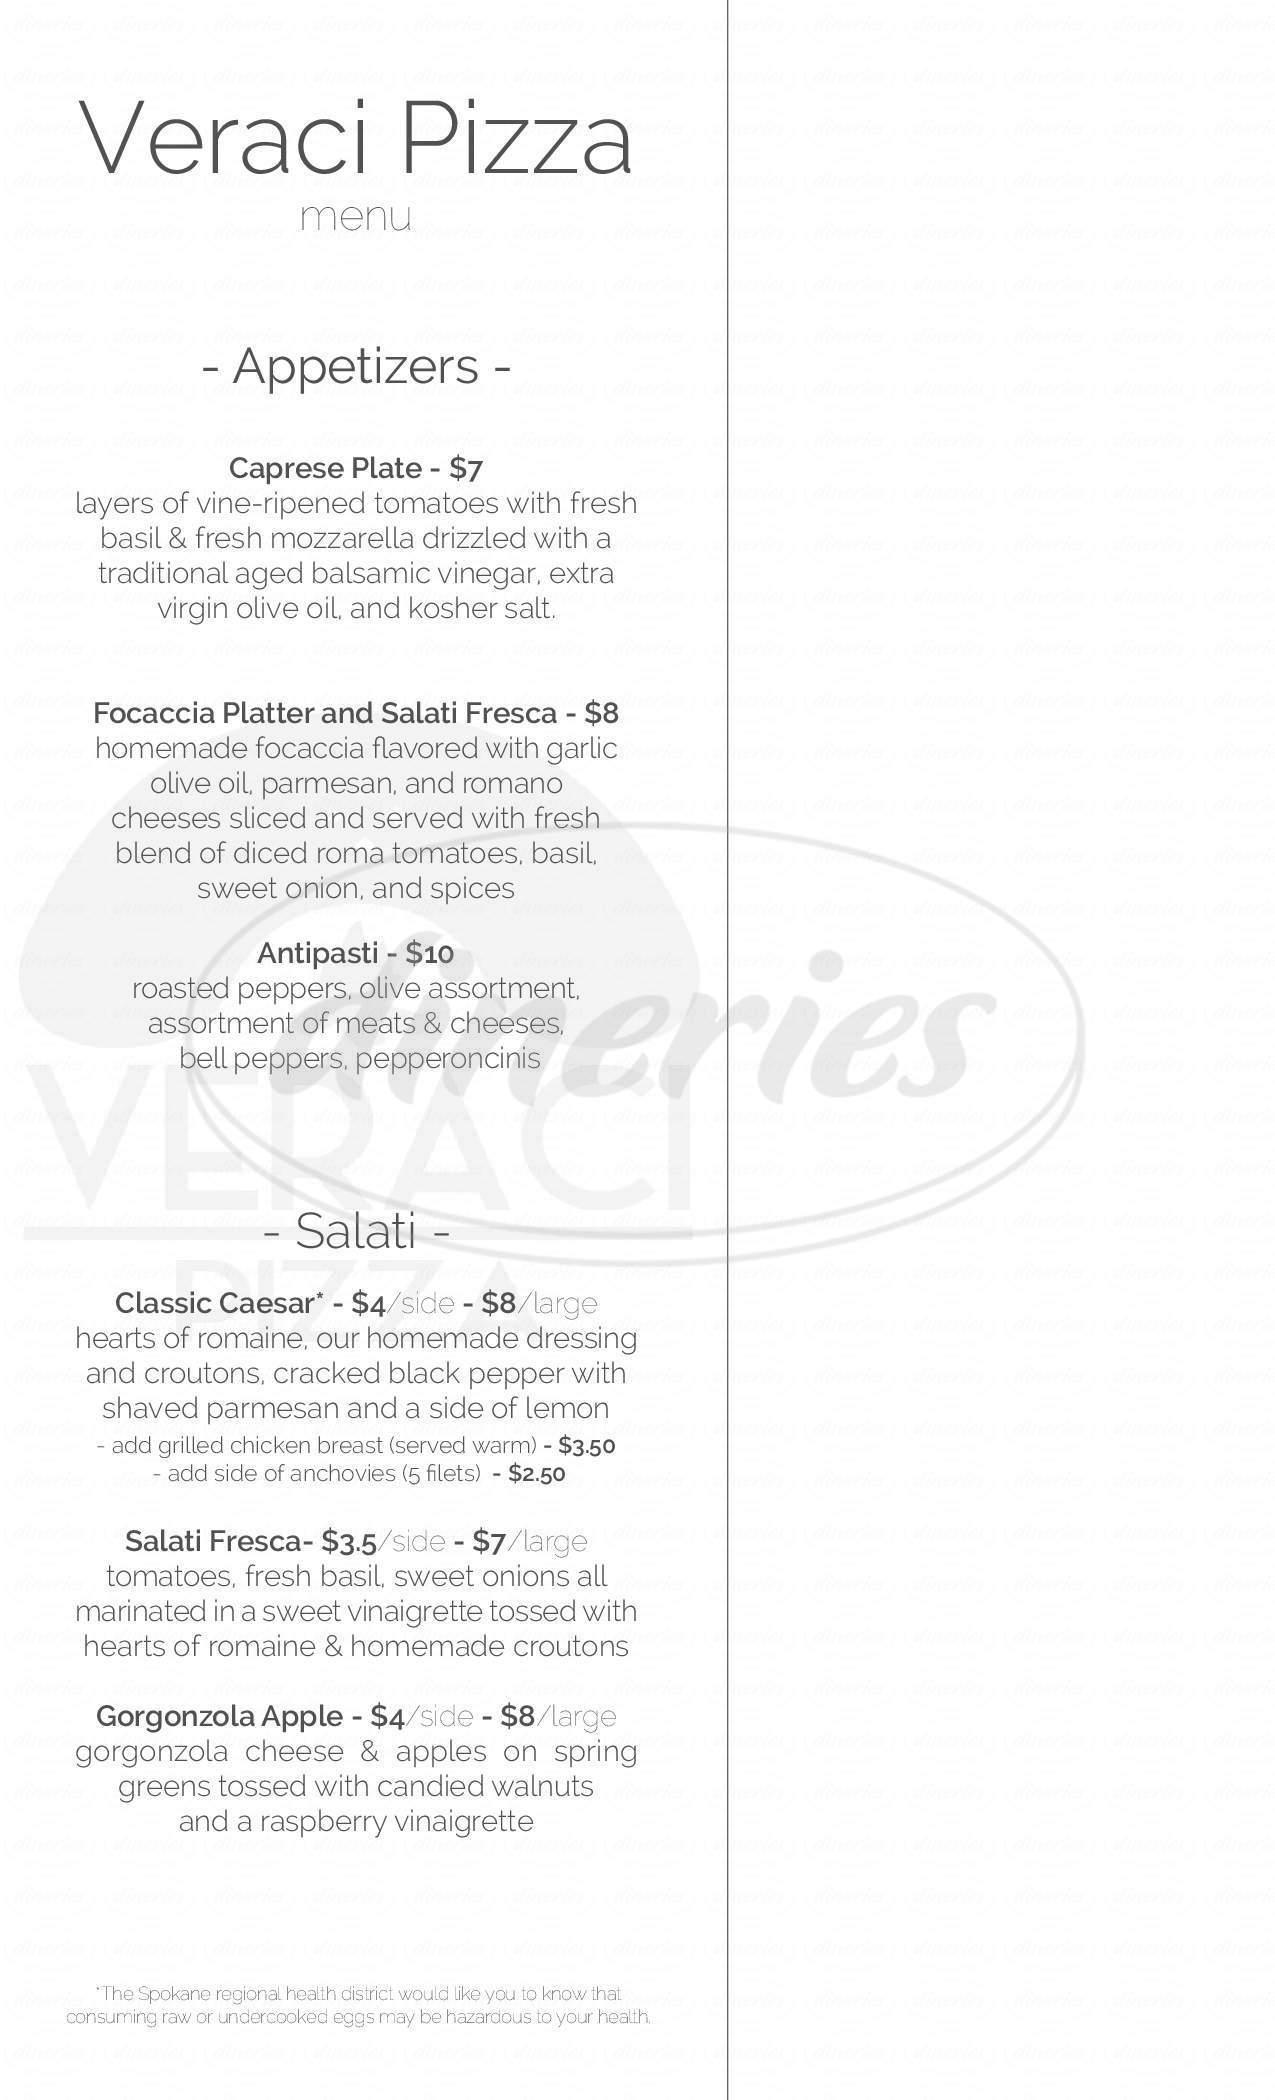 menu for Veraci Pizza